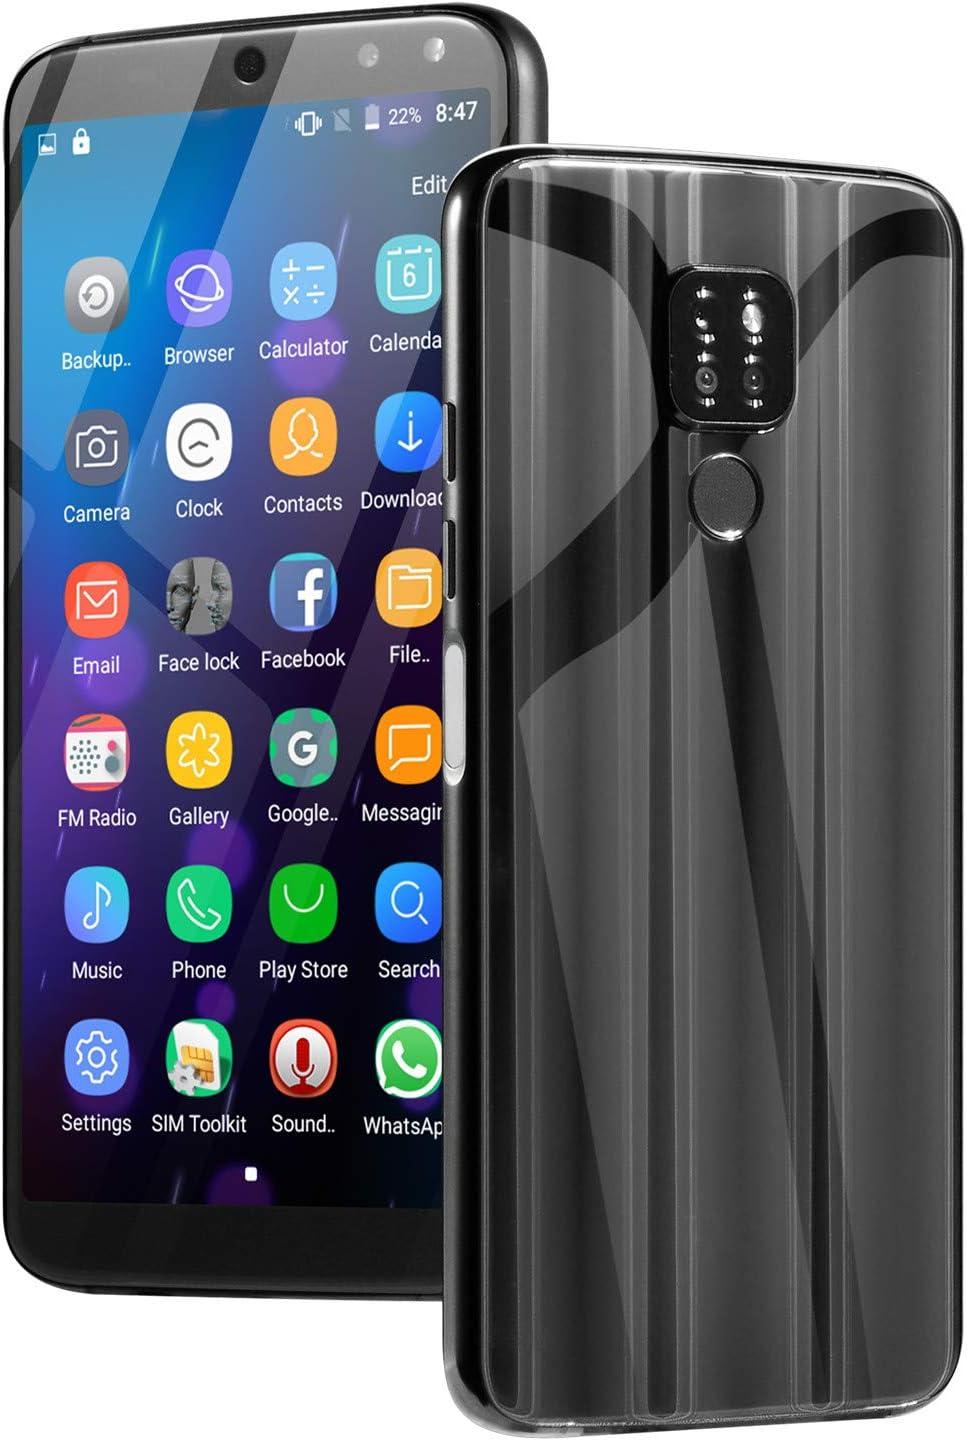 Hatoys Quad Cores 6.1 Pulgadas 3G Dual SIM Cámara Smartphone ...